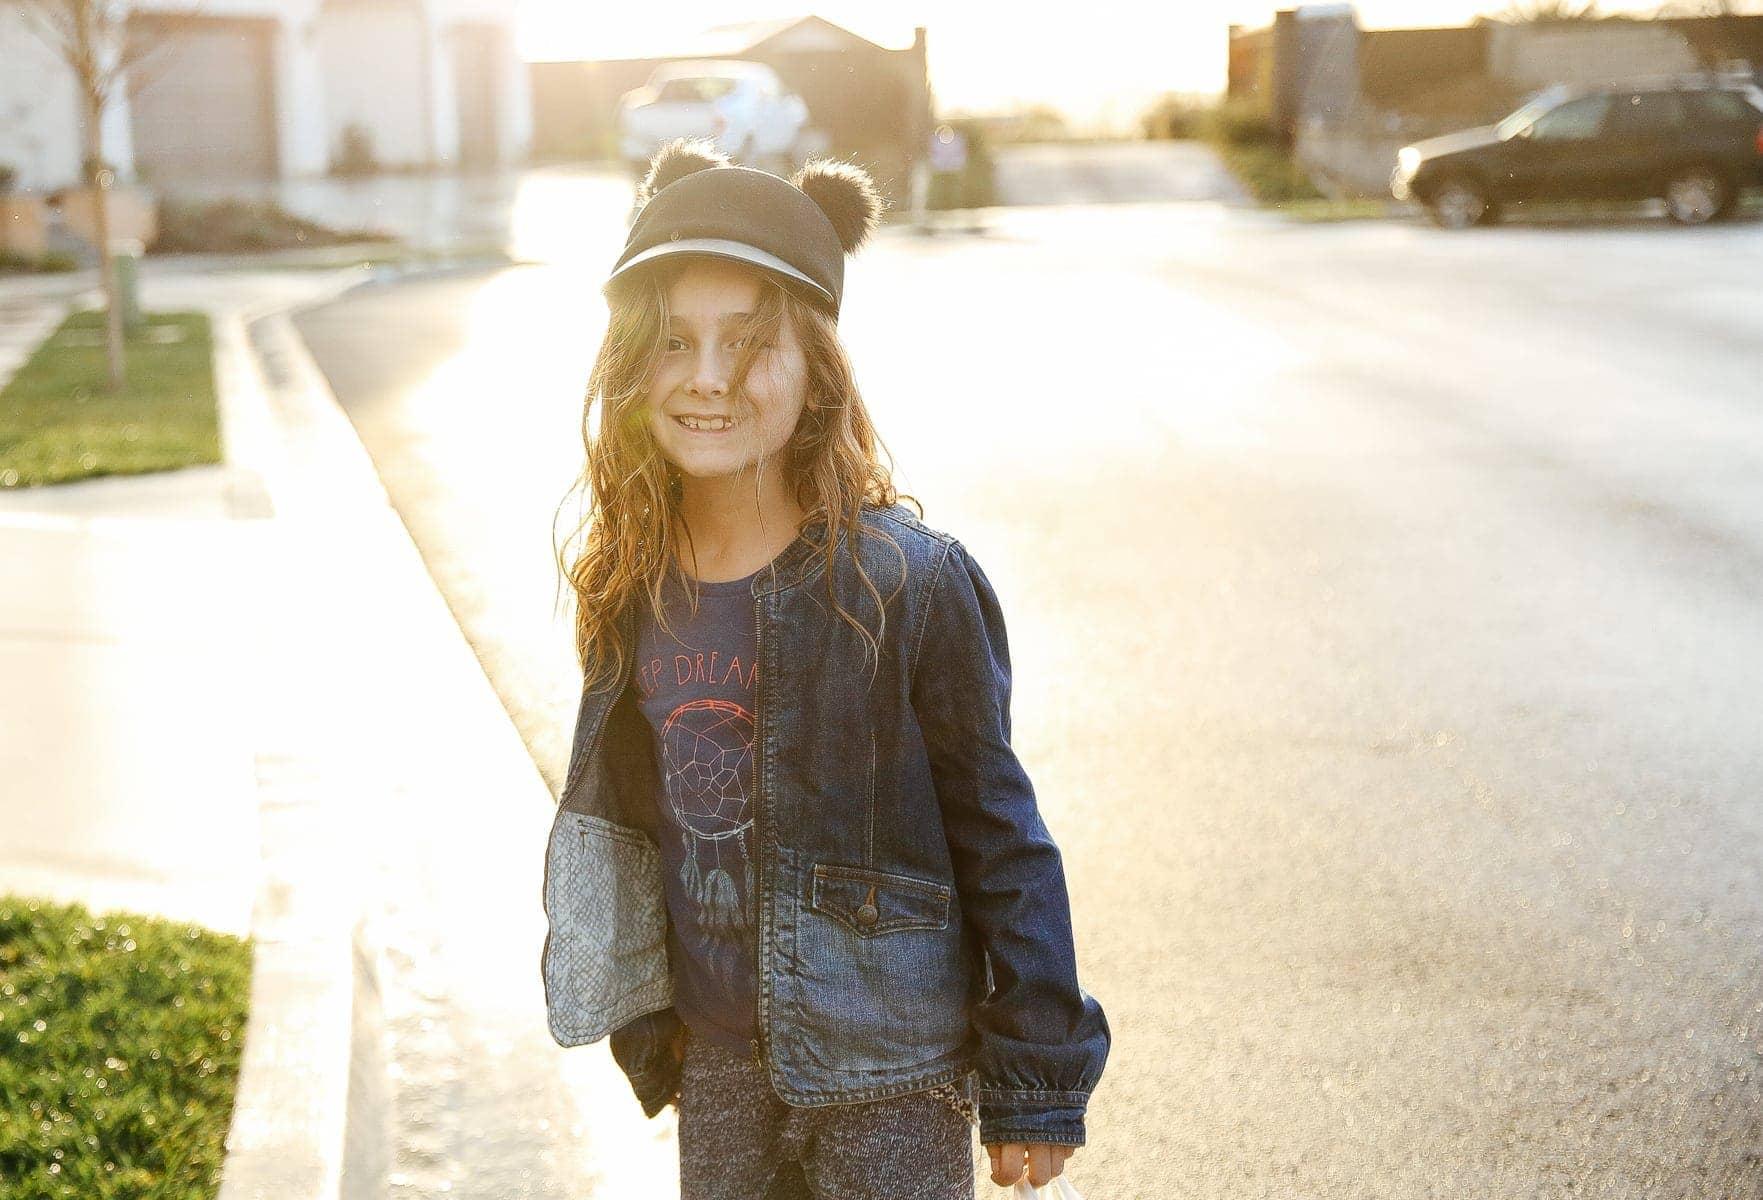 girl smiling standing on street